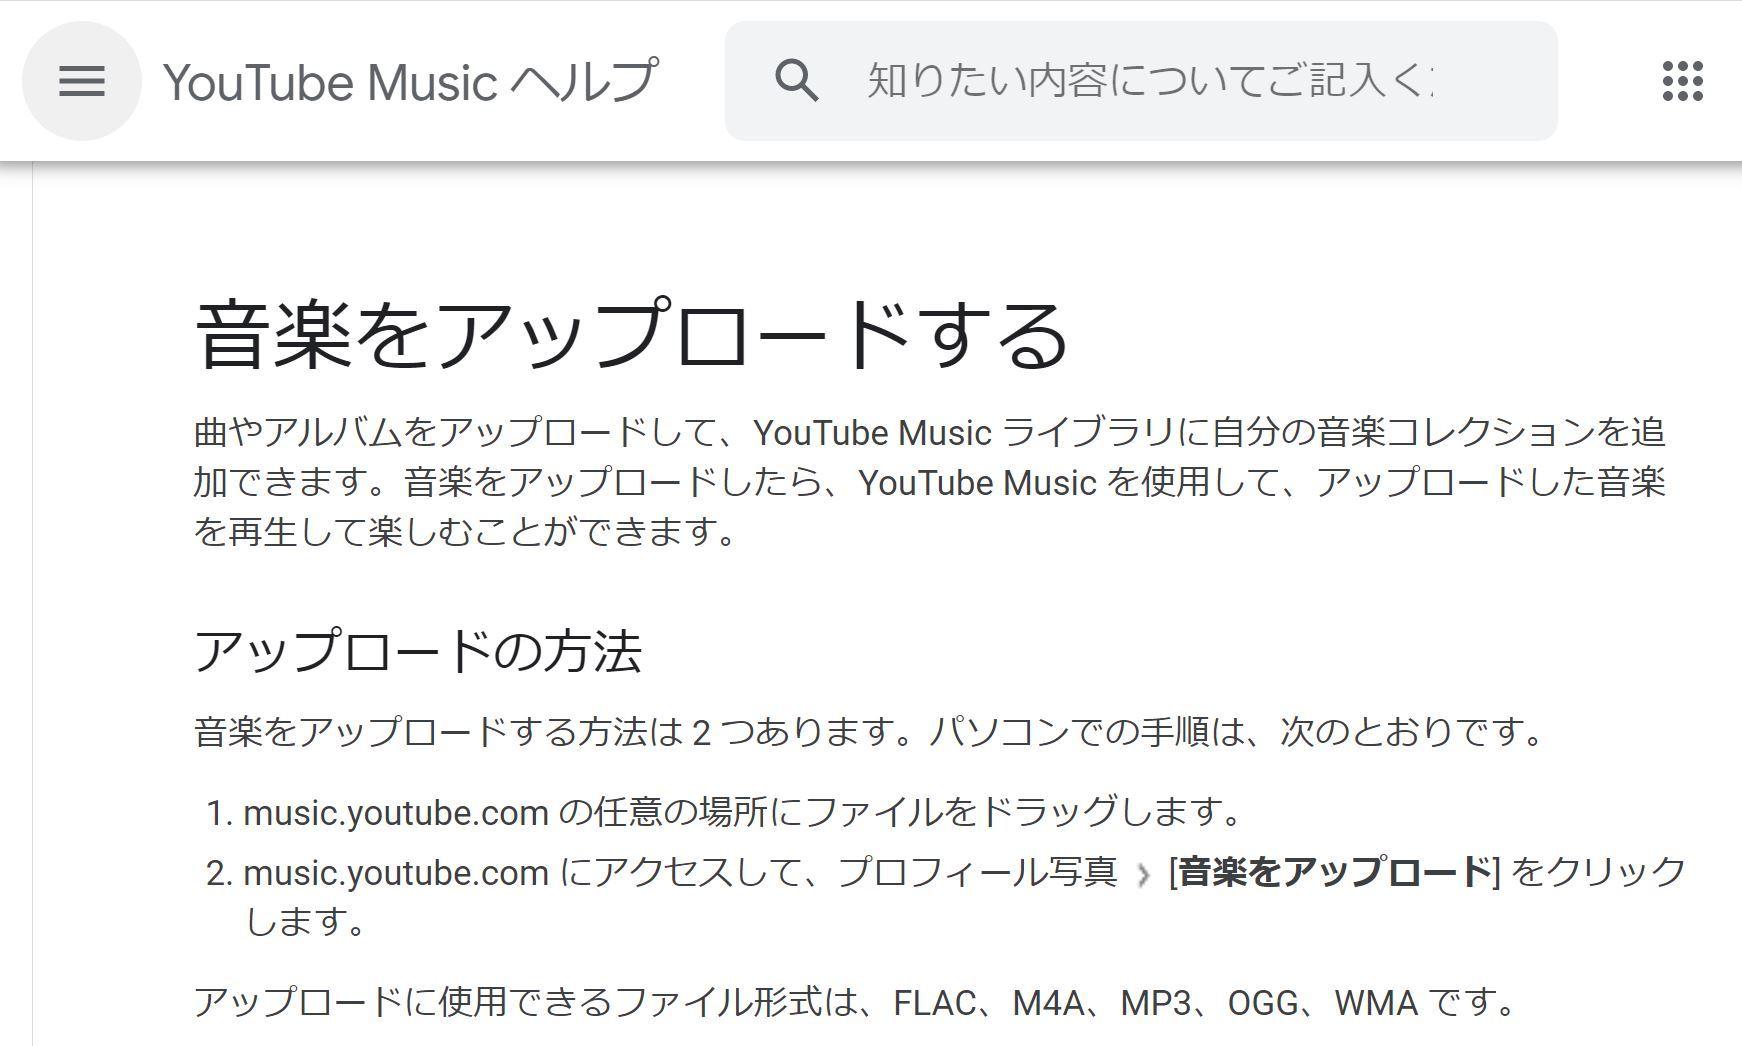 YouTube Music、ようやく音楽アップロードが可能に(もうすぐさよならGoogle Play Music)